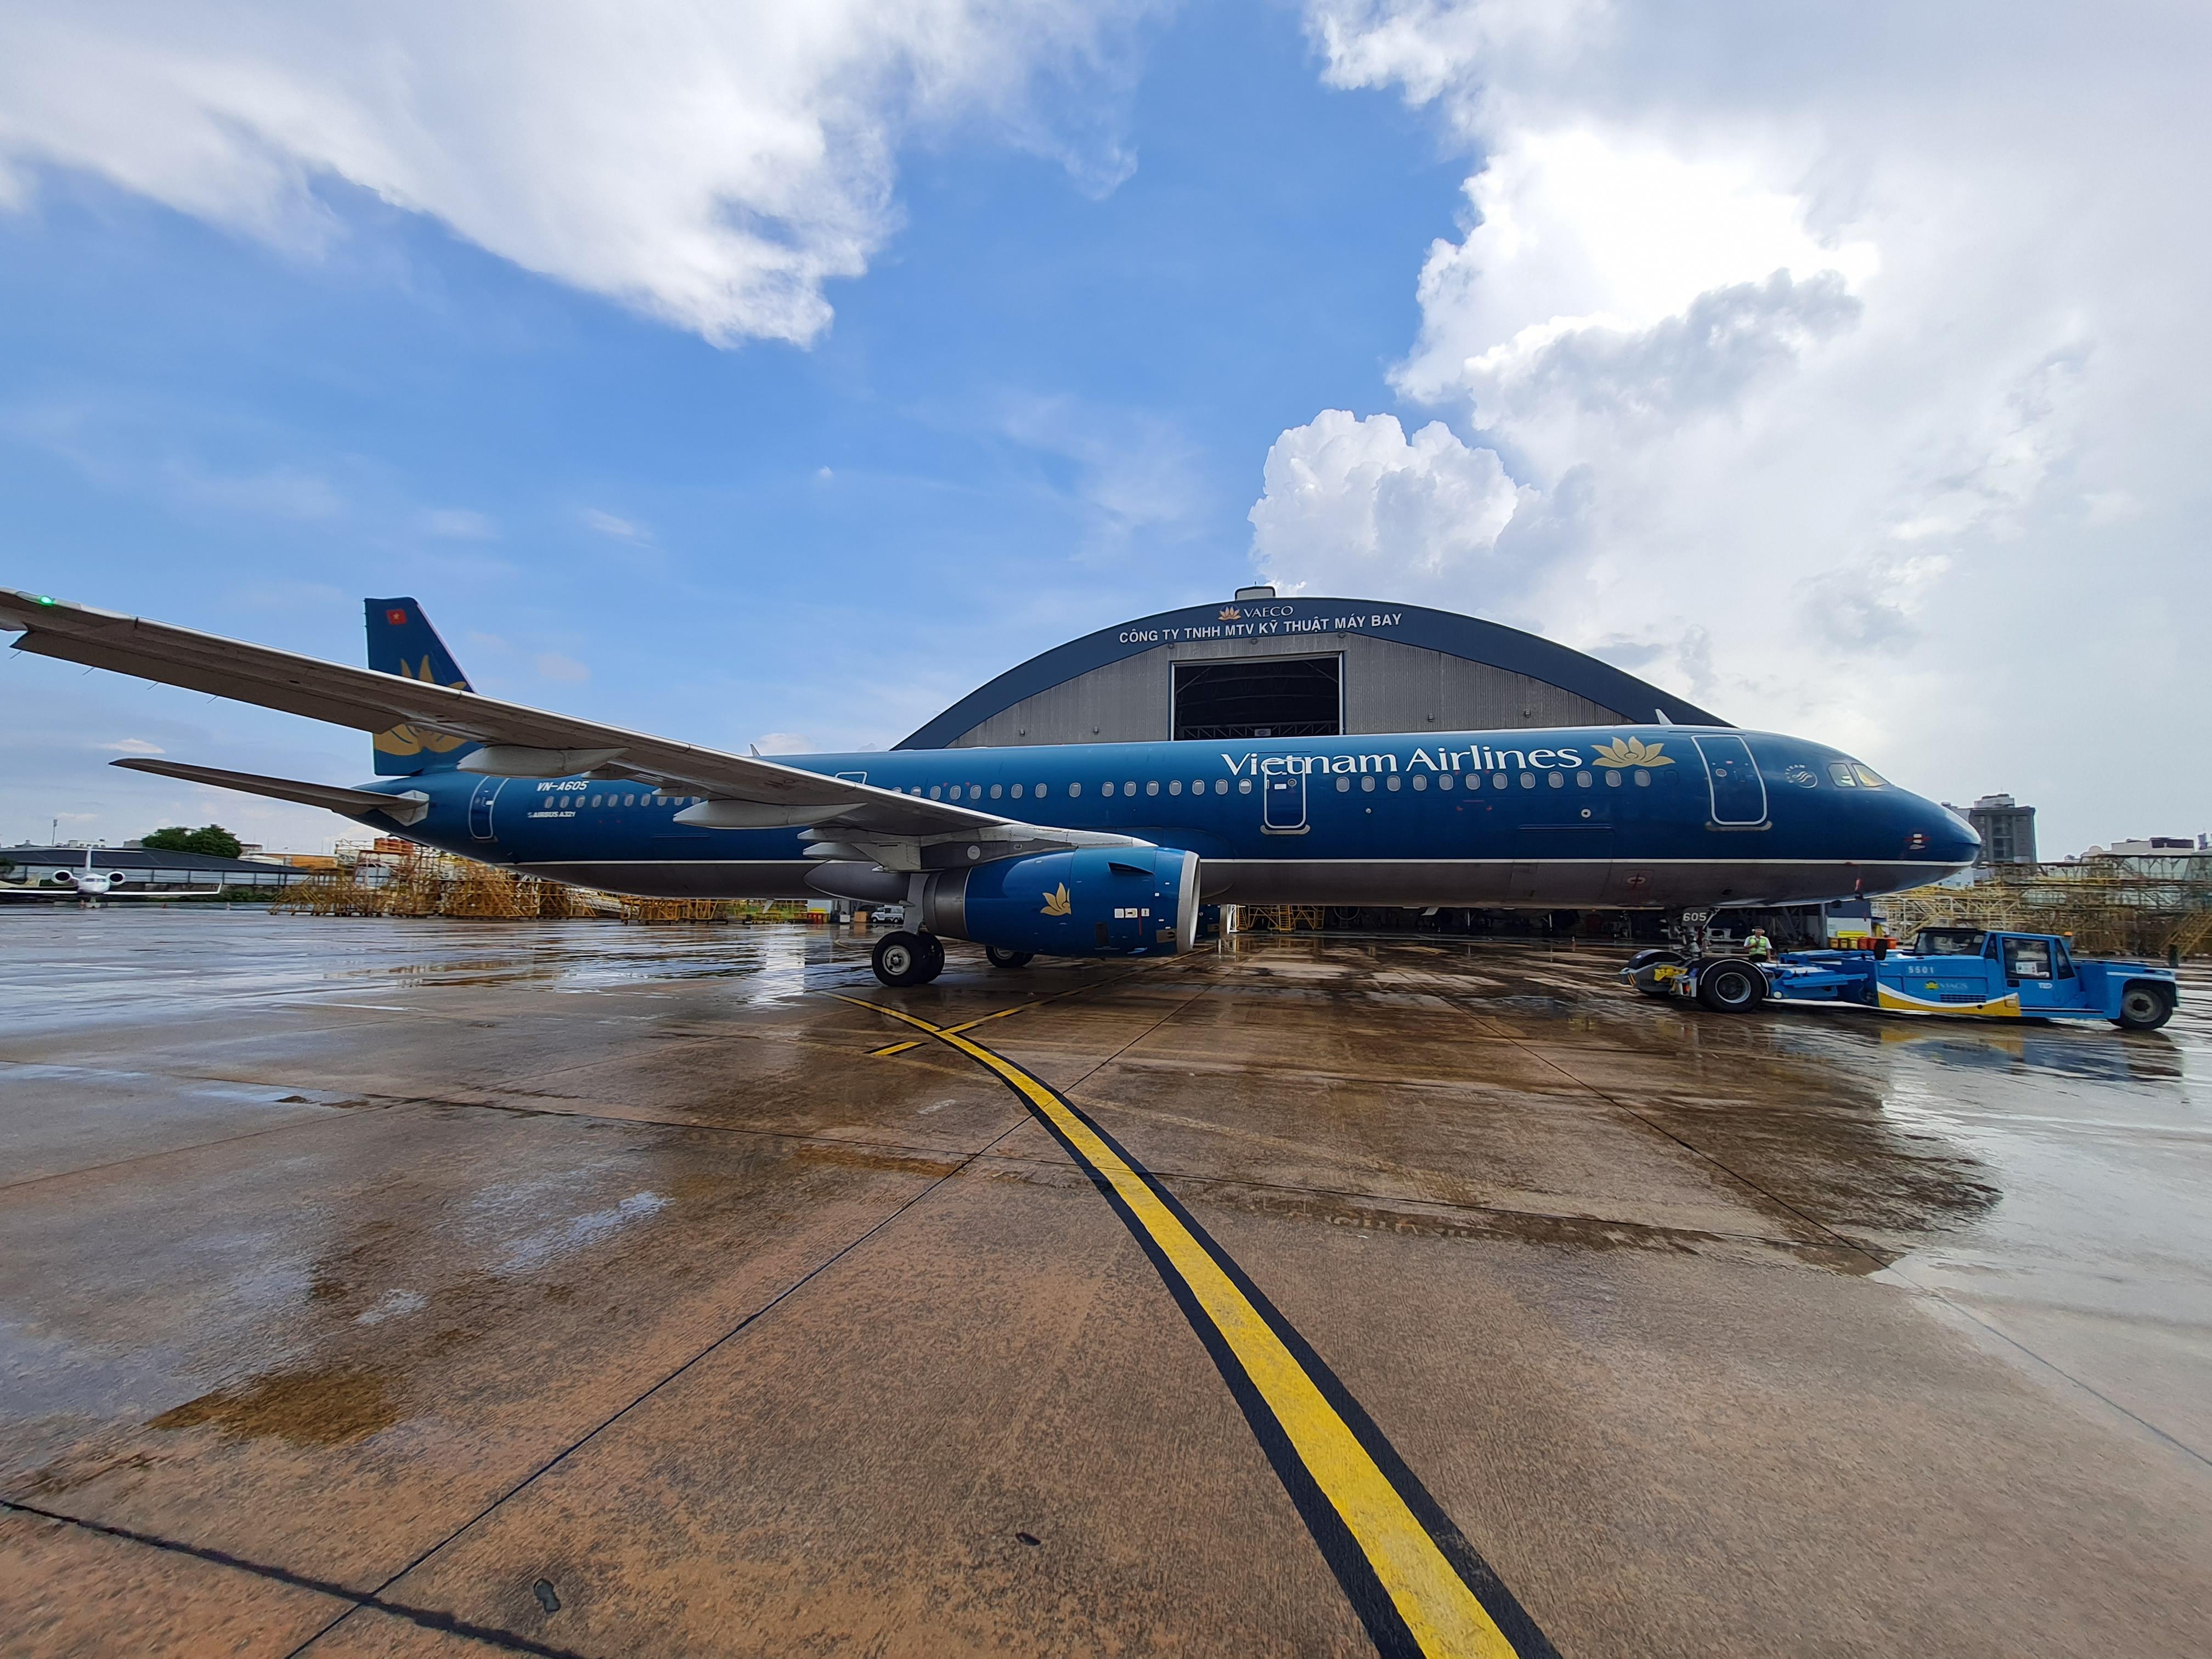 Bàn giao xe kéo đẩy máy bay TLD TPX-200MTX cho VIAGS tai các sân bay Tân Sơn Nhất, Nội Bài và Đà Nẵng.